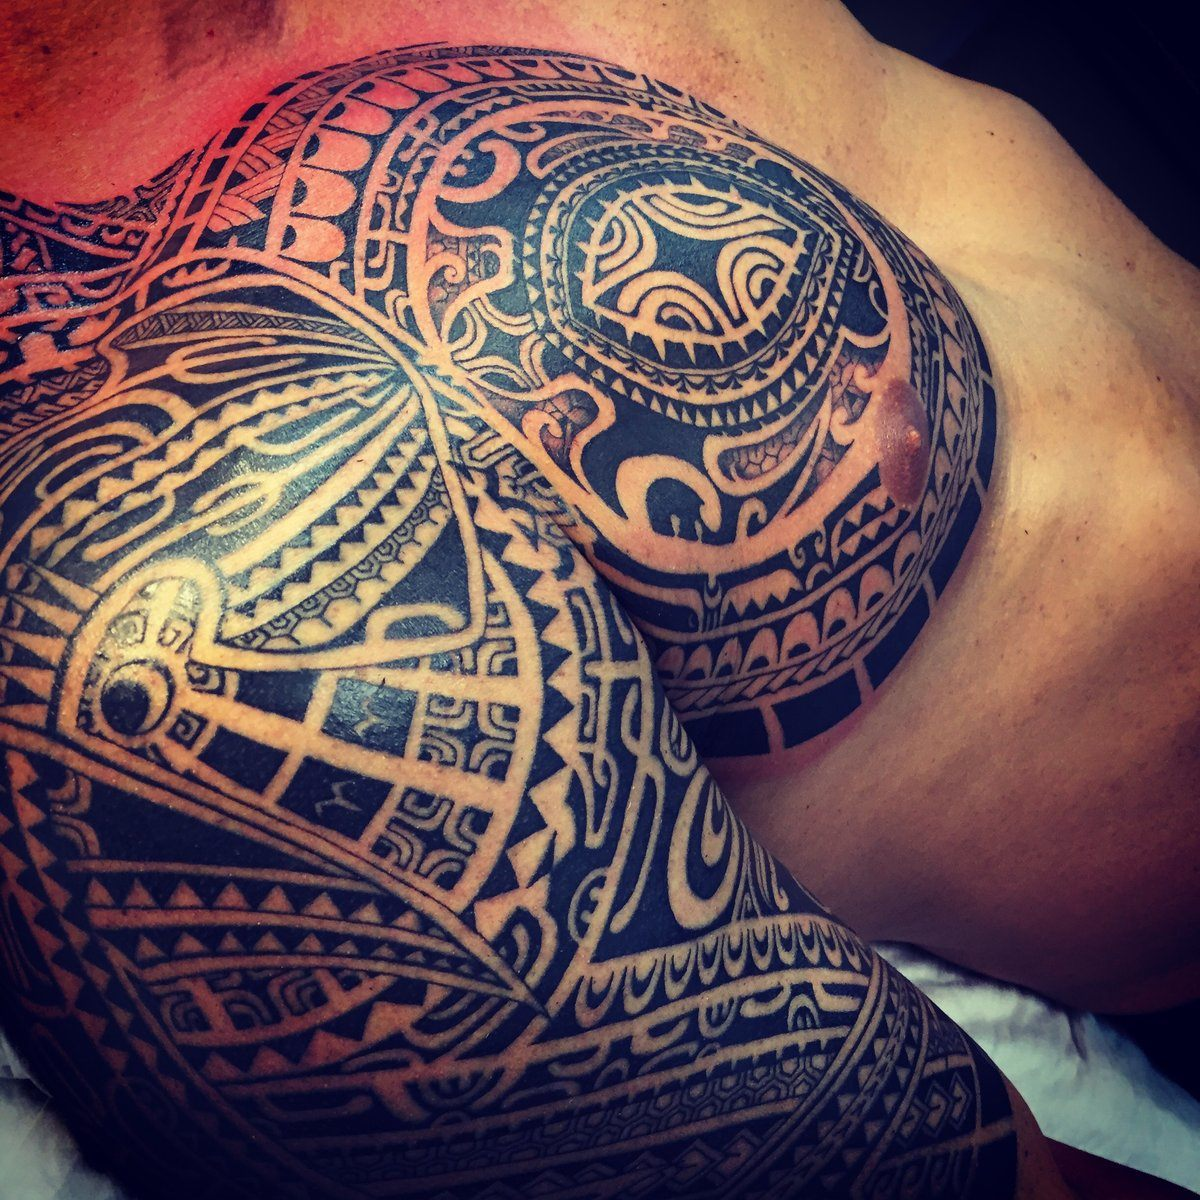 последние дни тату полинезия обозначения фото это то, чего